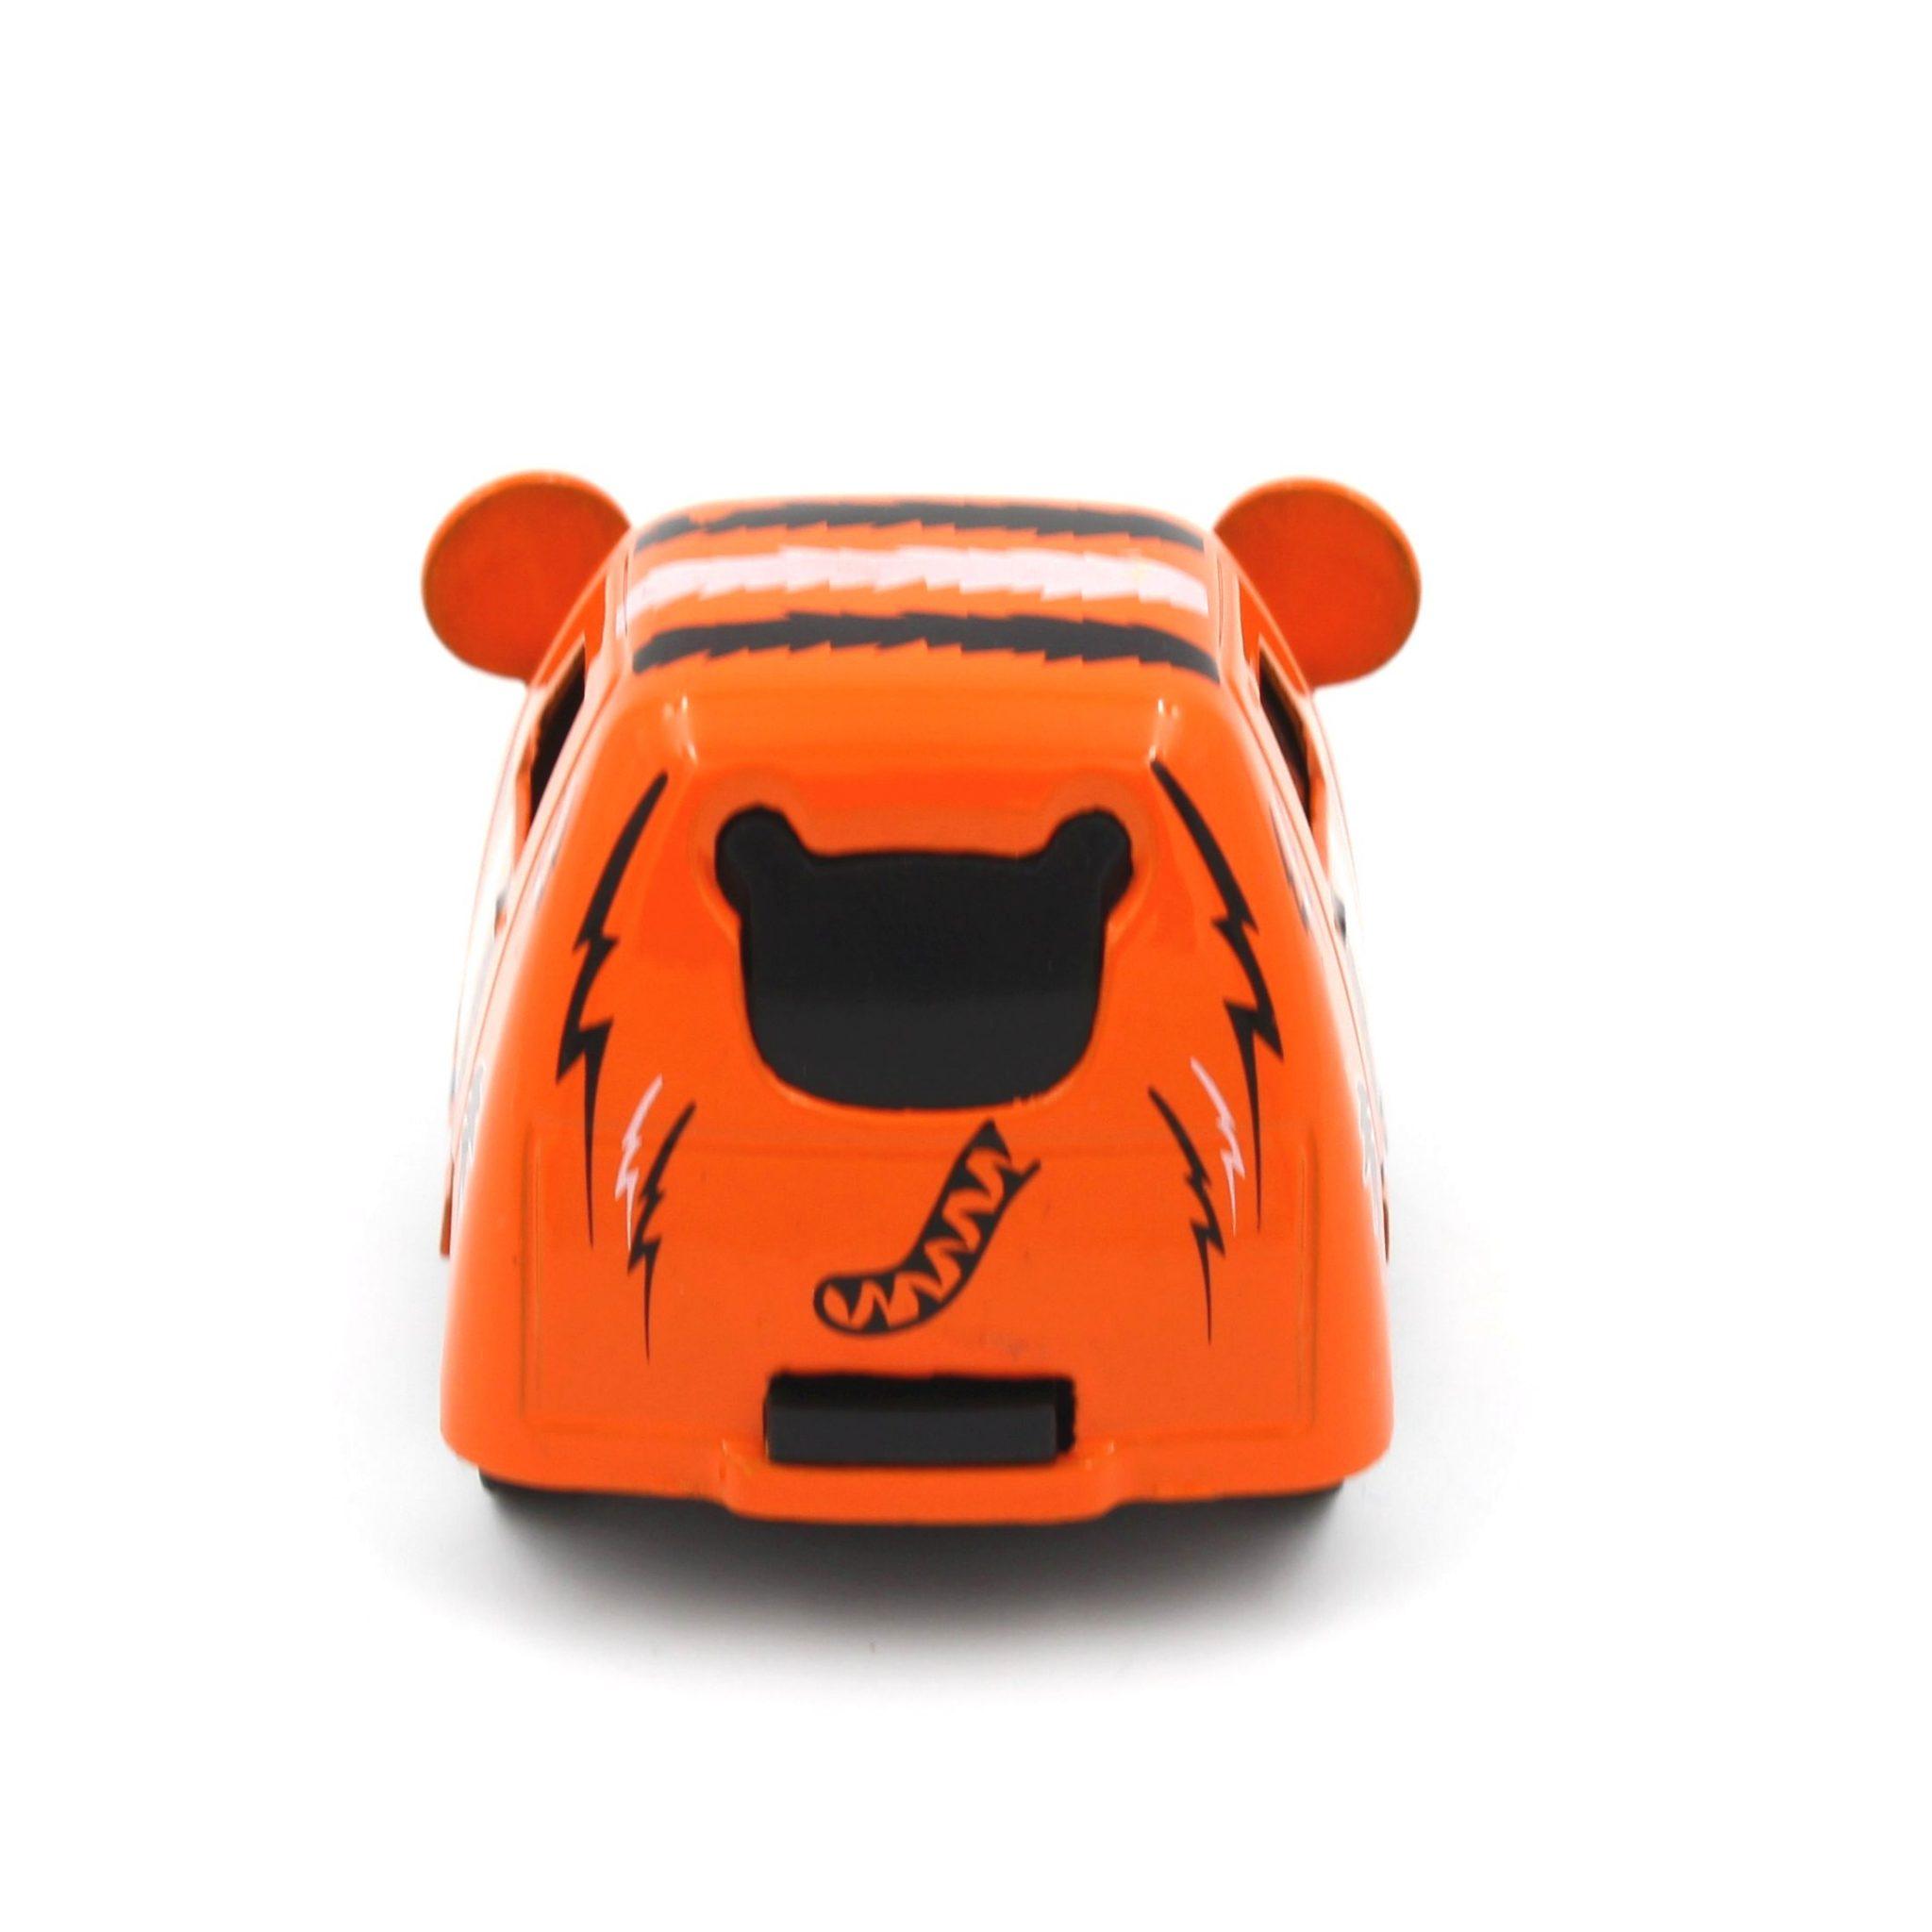 Mașinuță cu sistem pull-back tigru portocaliu